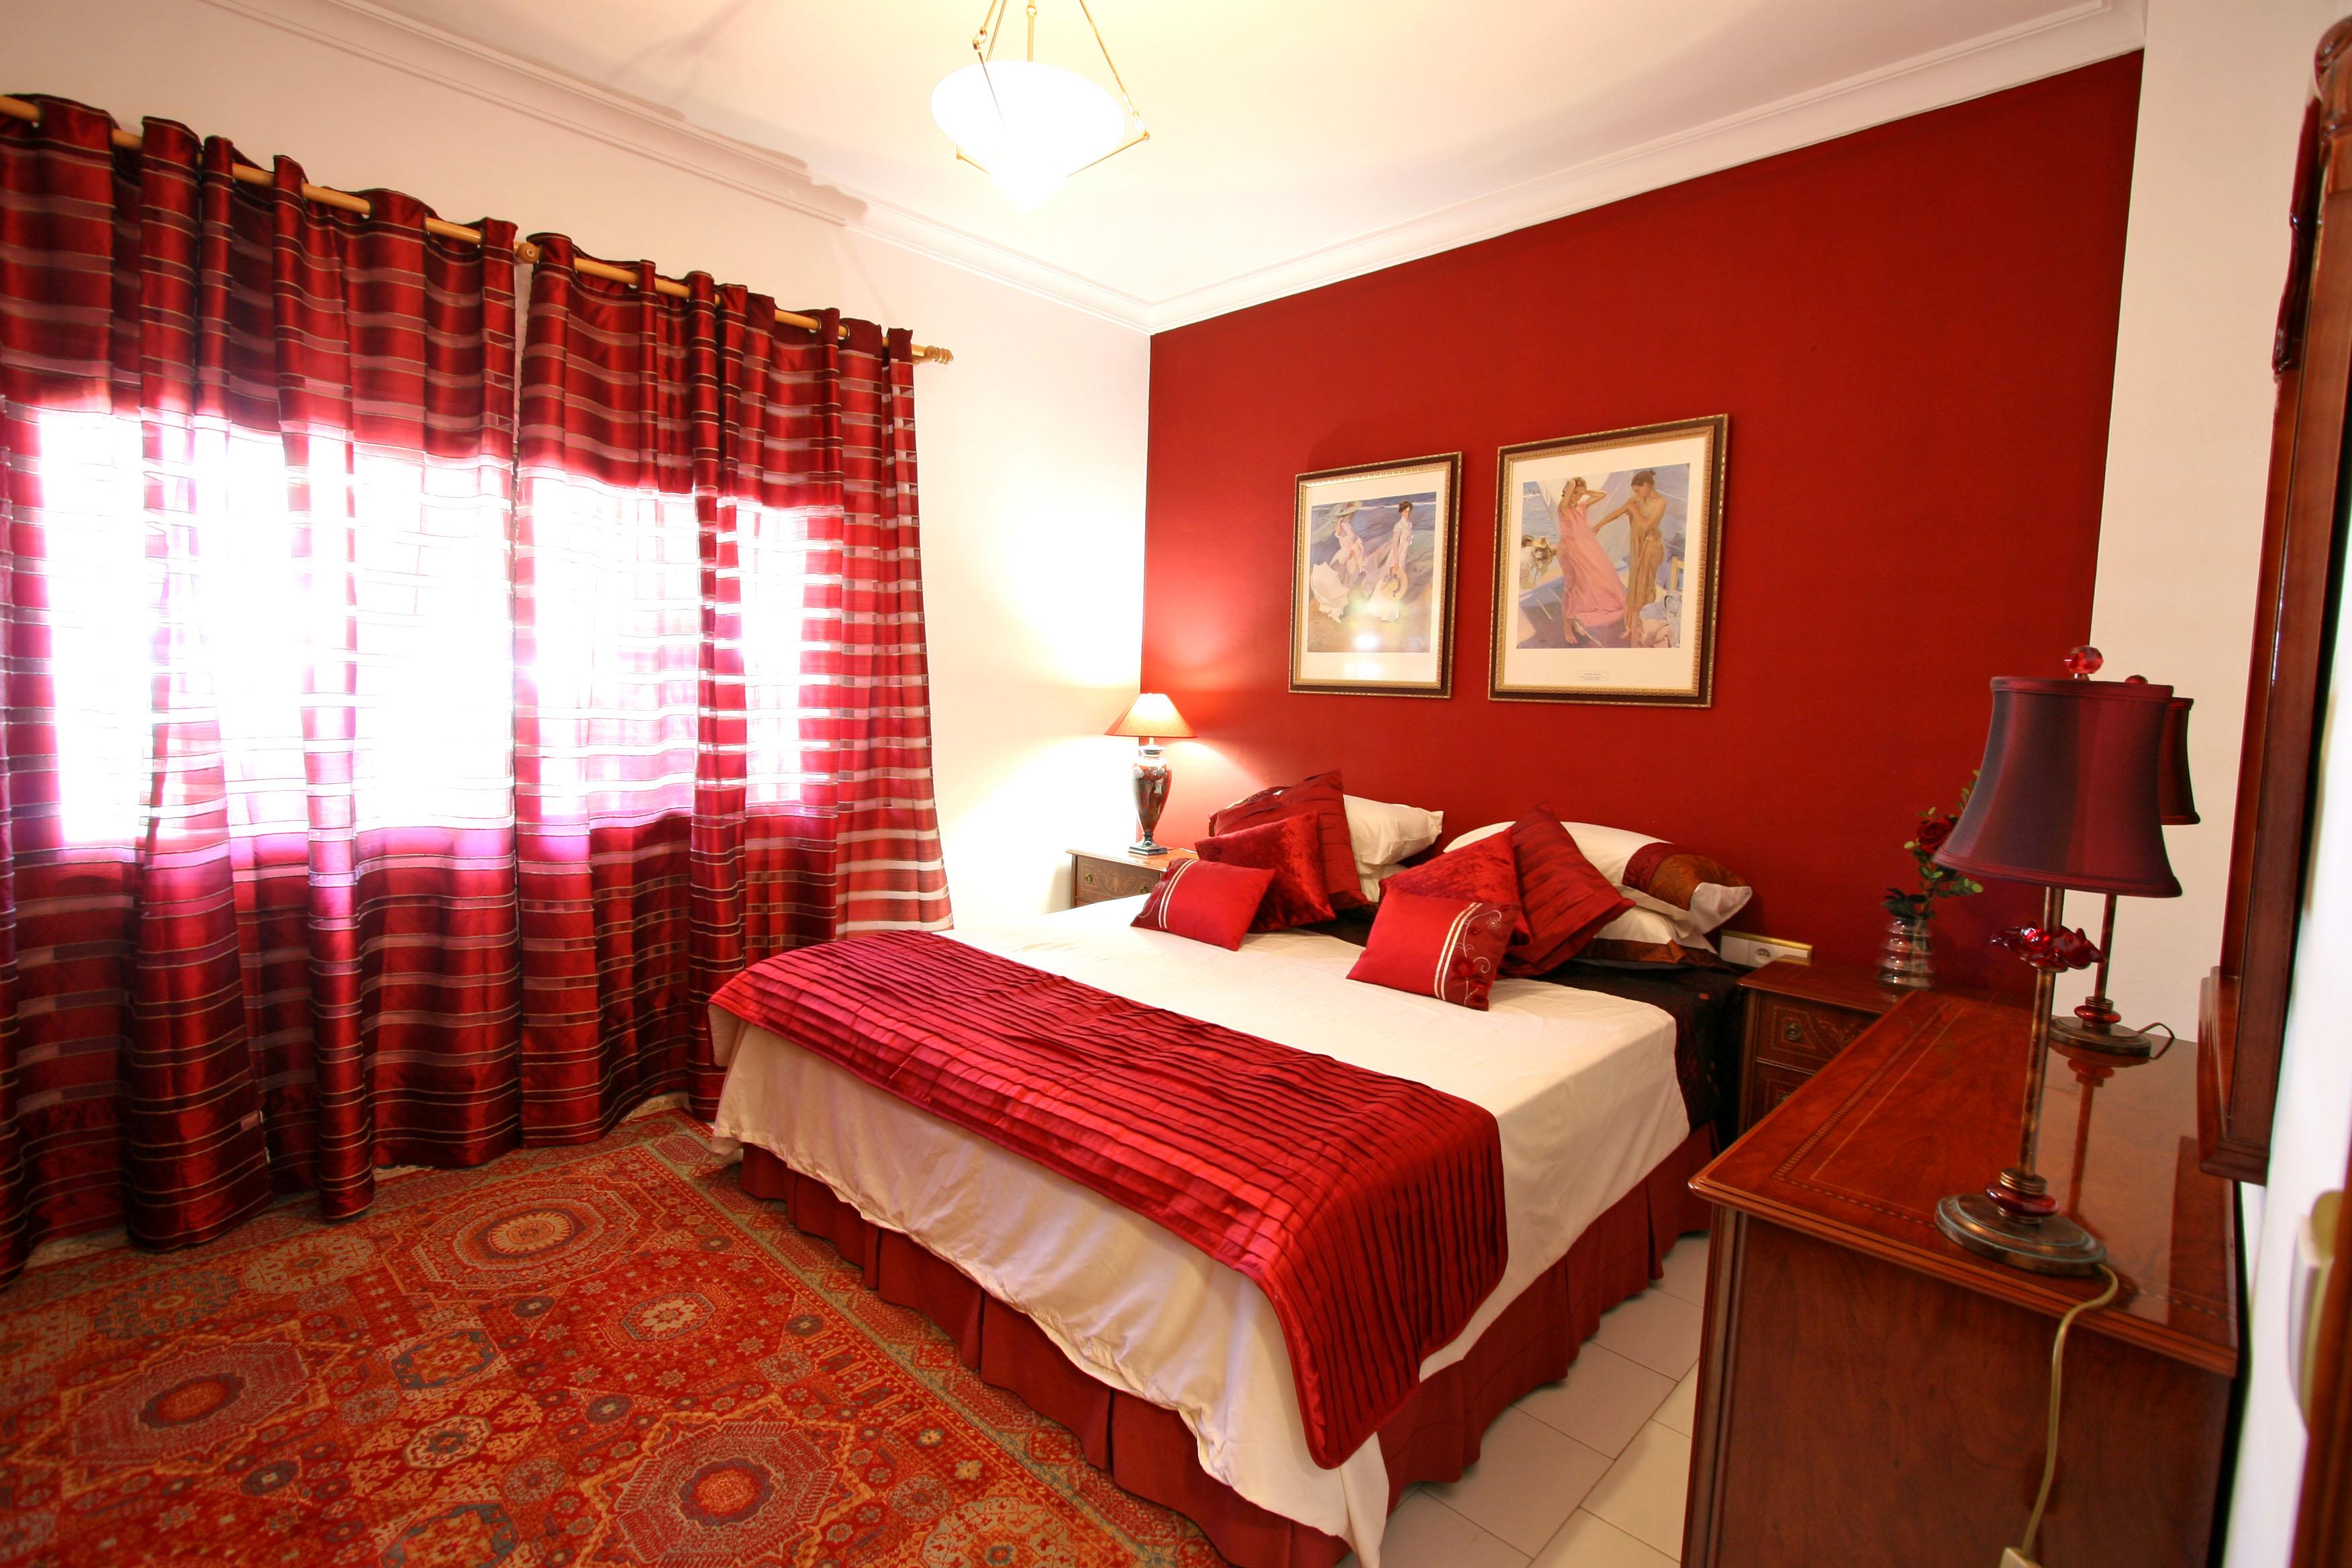 صورة اجمل ديكورات غرف نور تهوس، غرف نوم رومانسية حمراء